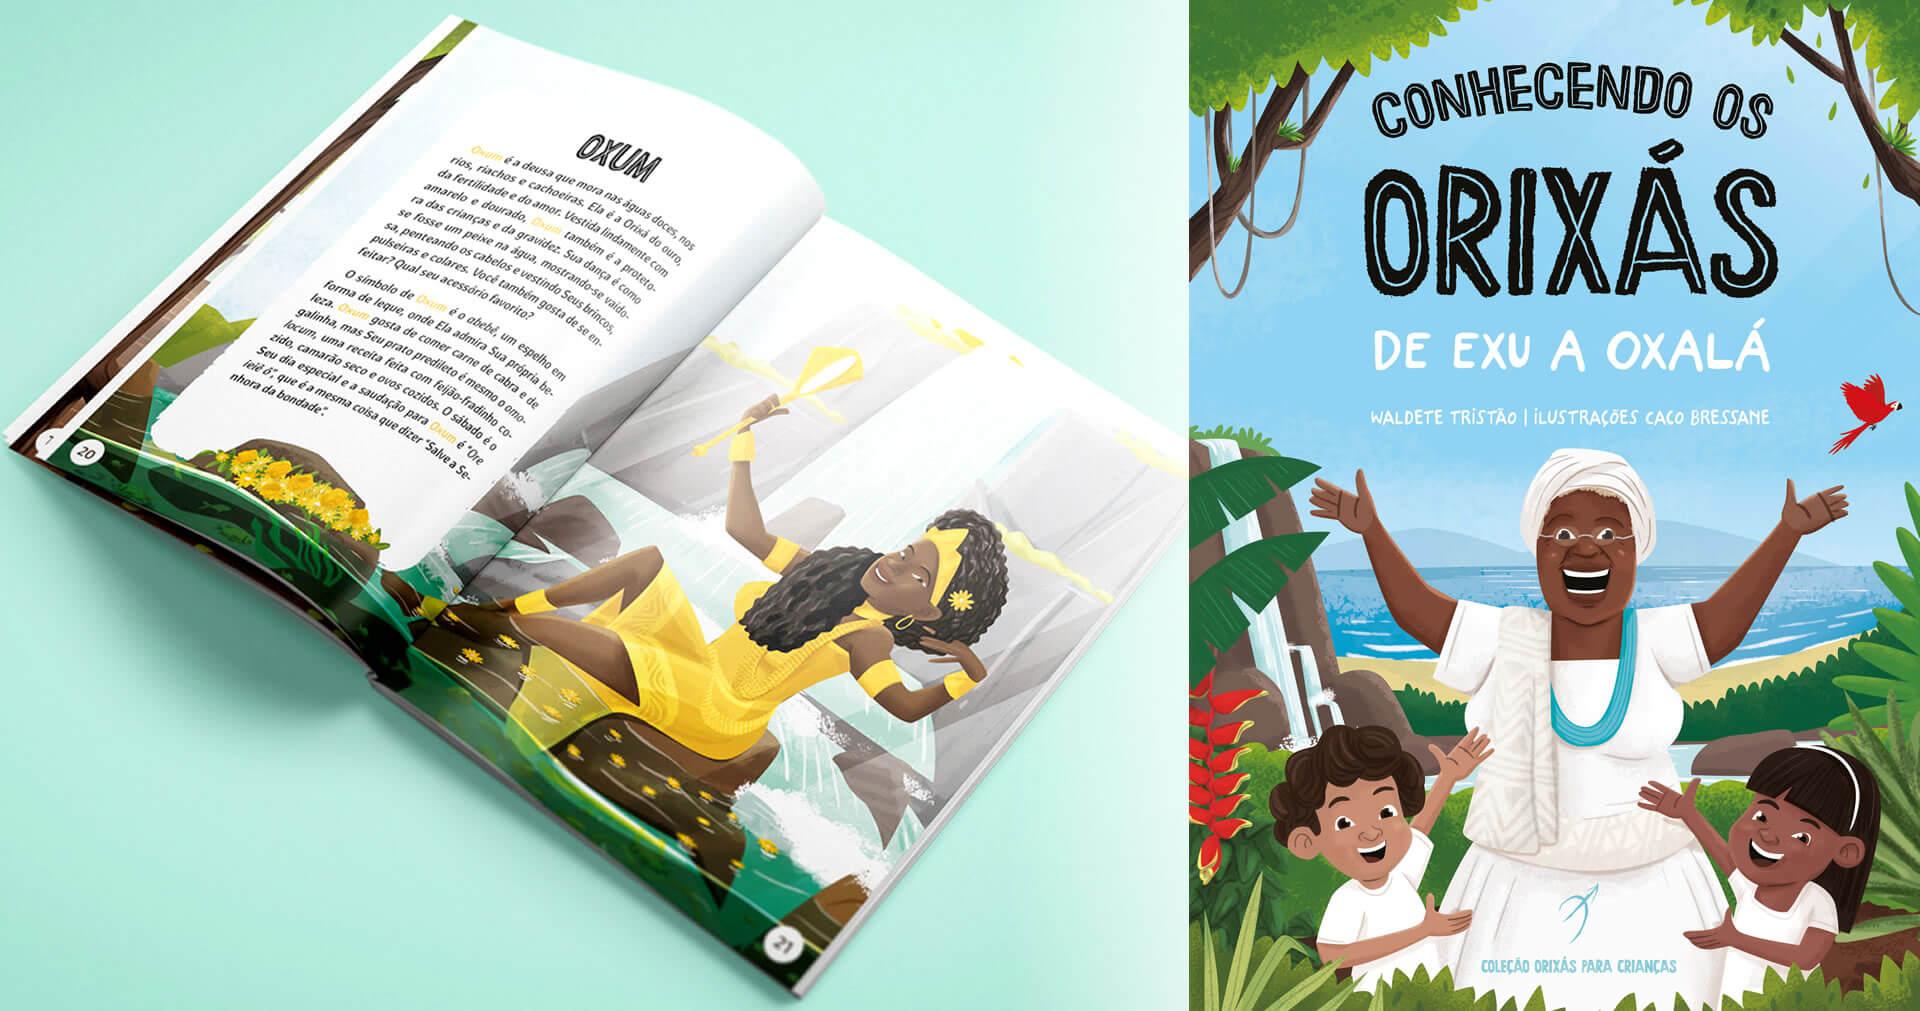 Children´s book helps african-brazilians reclaim heritage